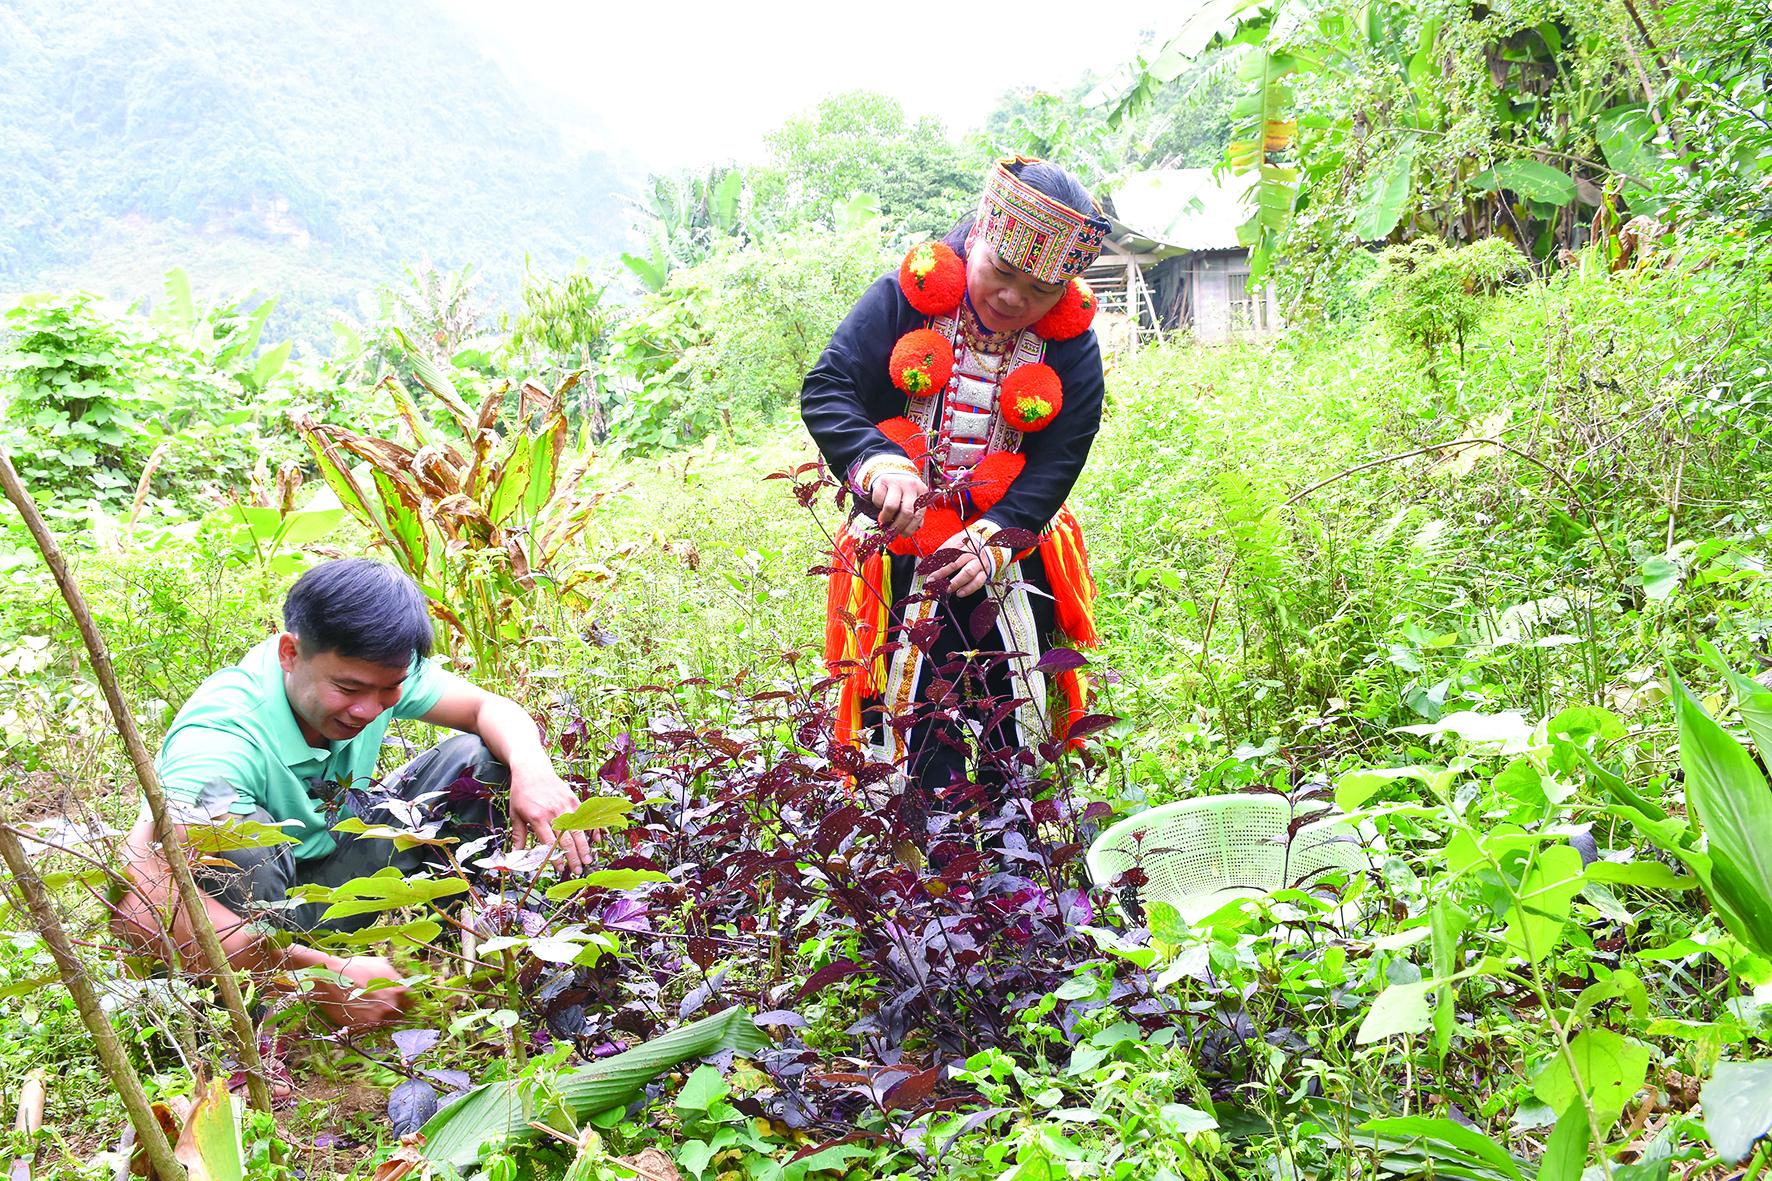 Nhiều cây thuốc Nam quý hiếm trong tự nhiên đã được đồng bào Dao trồng thành công trong vườn nhà.